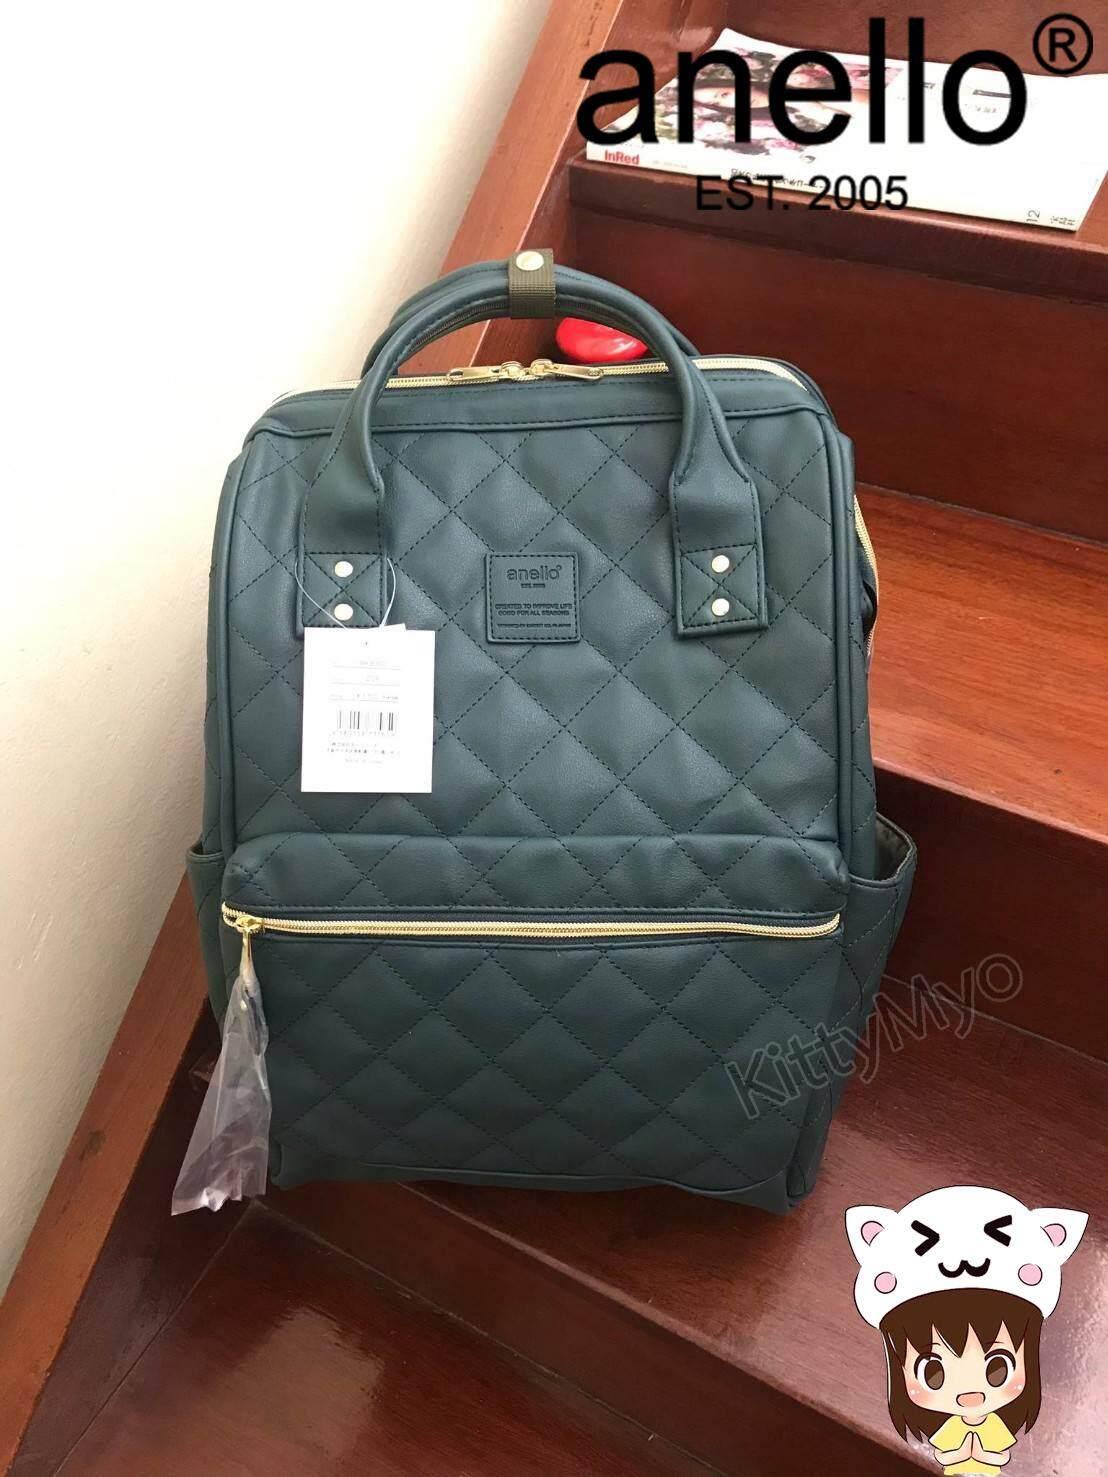 ยี่ห้อไหนดี  สตูล ANELLO [ไซส์ เล็ก MINI] รุ่นใหม่ปี 2018 หนังลายตาราง ของแท้ 100% กระเป๋าเป้สะพายหลัง รุ่นหนังนิ่ม PU Leather แบรนด์อเนลโล สุดฮิตจากญี่ปุ่น ขนาดเล็กกลางใหญ่พอดี สไตล์วินเทจ น่ารัก QUILTING BACKPACK